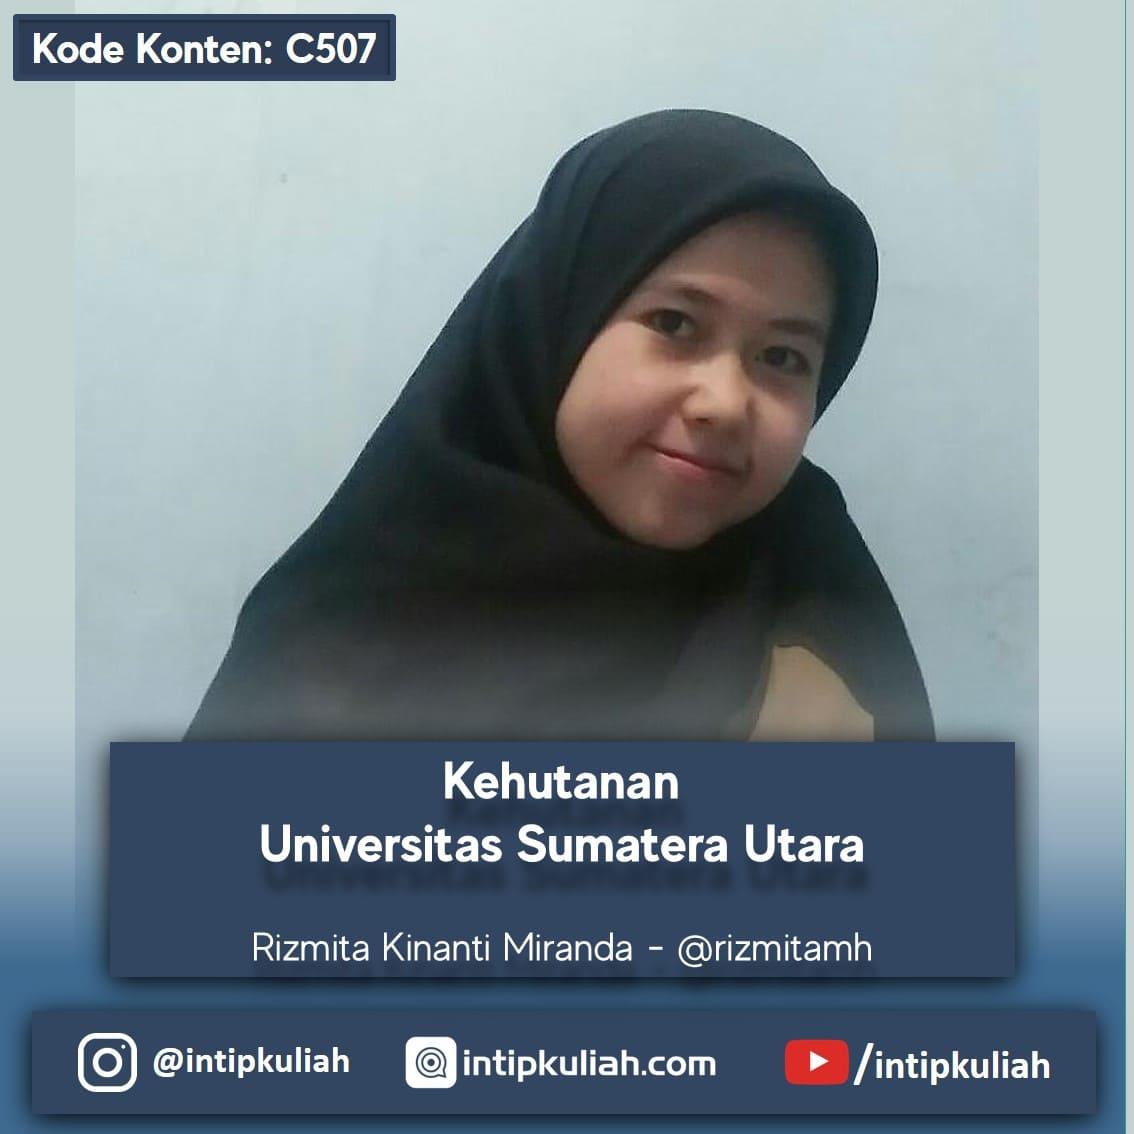 Kehutanan Universitas Sumatera Utara (Mita)